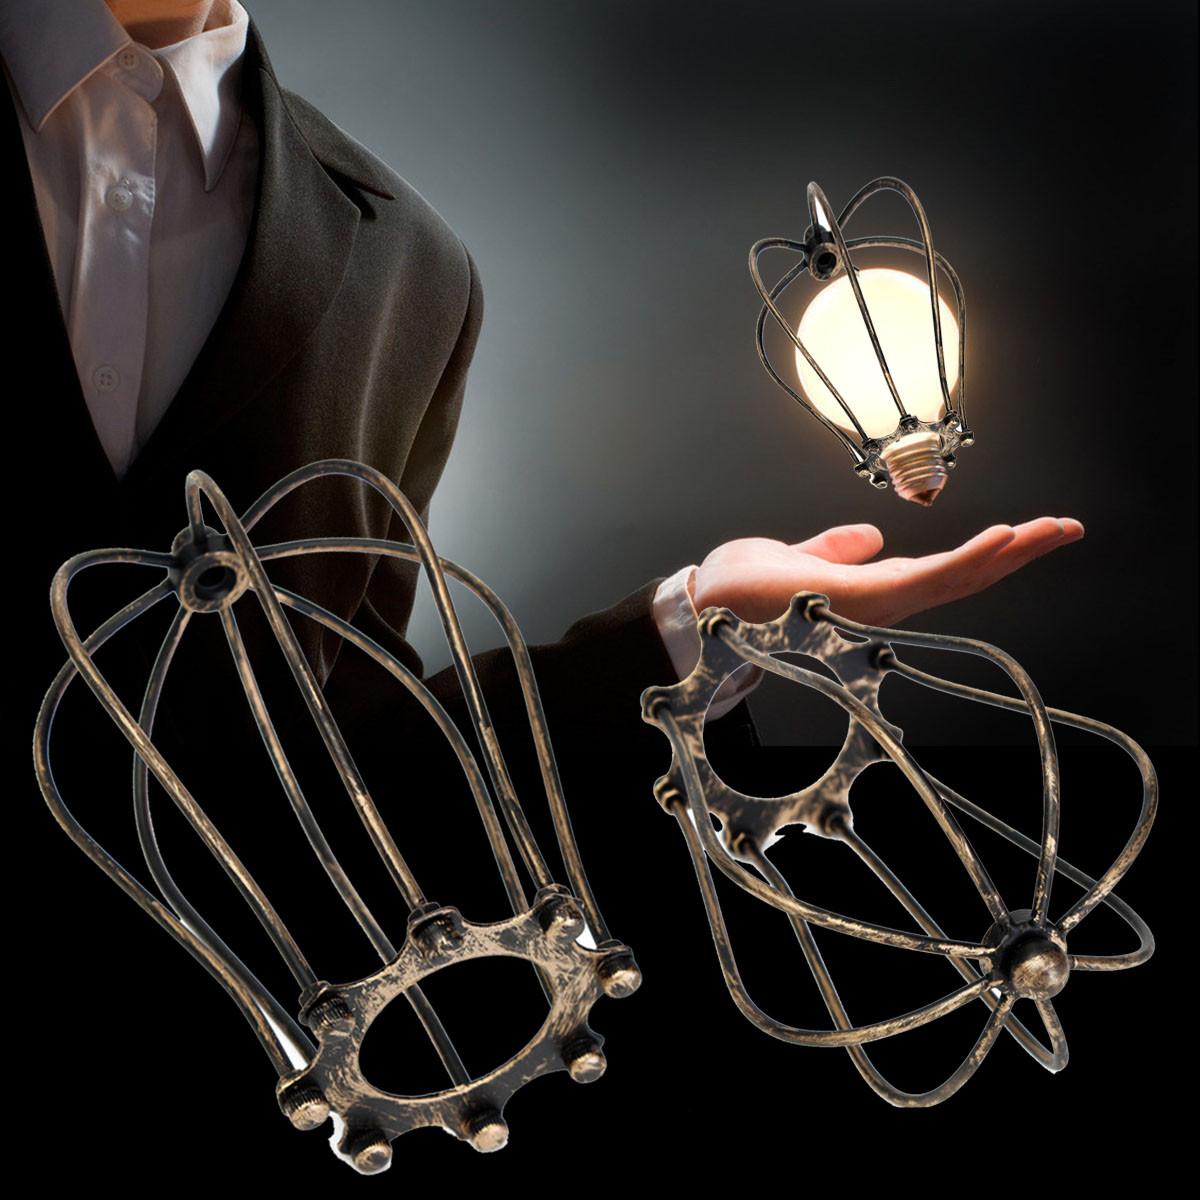 Марочные проблема железной проволоки клетка шарика охранник тень фары промышленный домашний декор свет